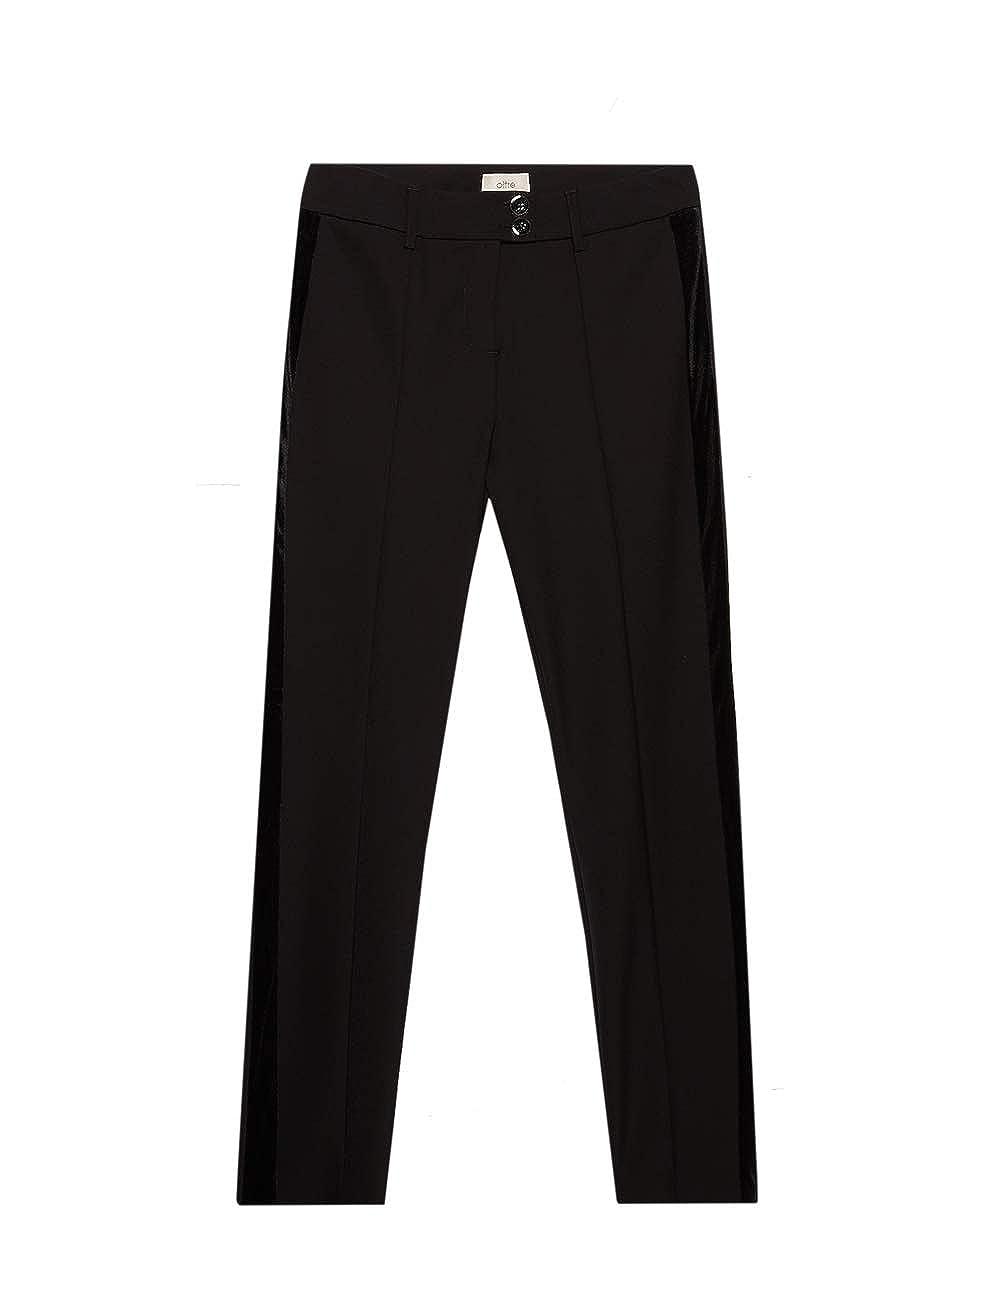 Pantaloni Skinny con Banda in Velluto Oltre Italian Size